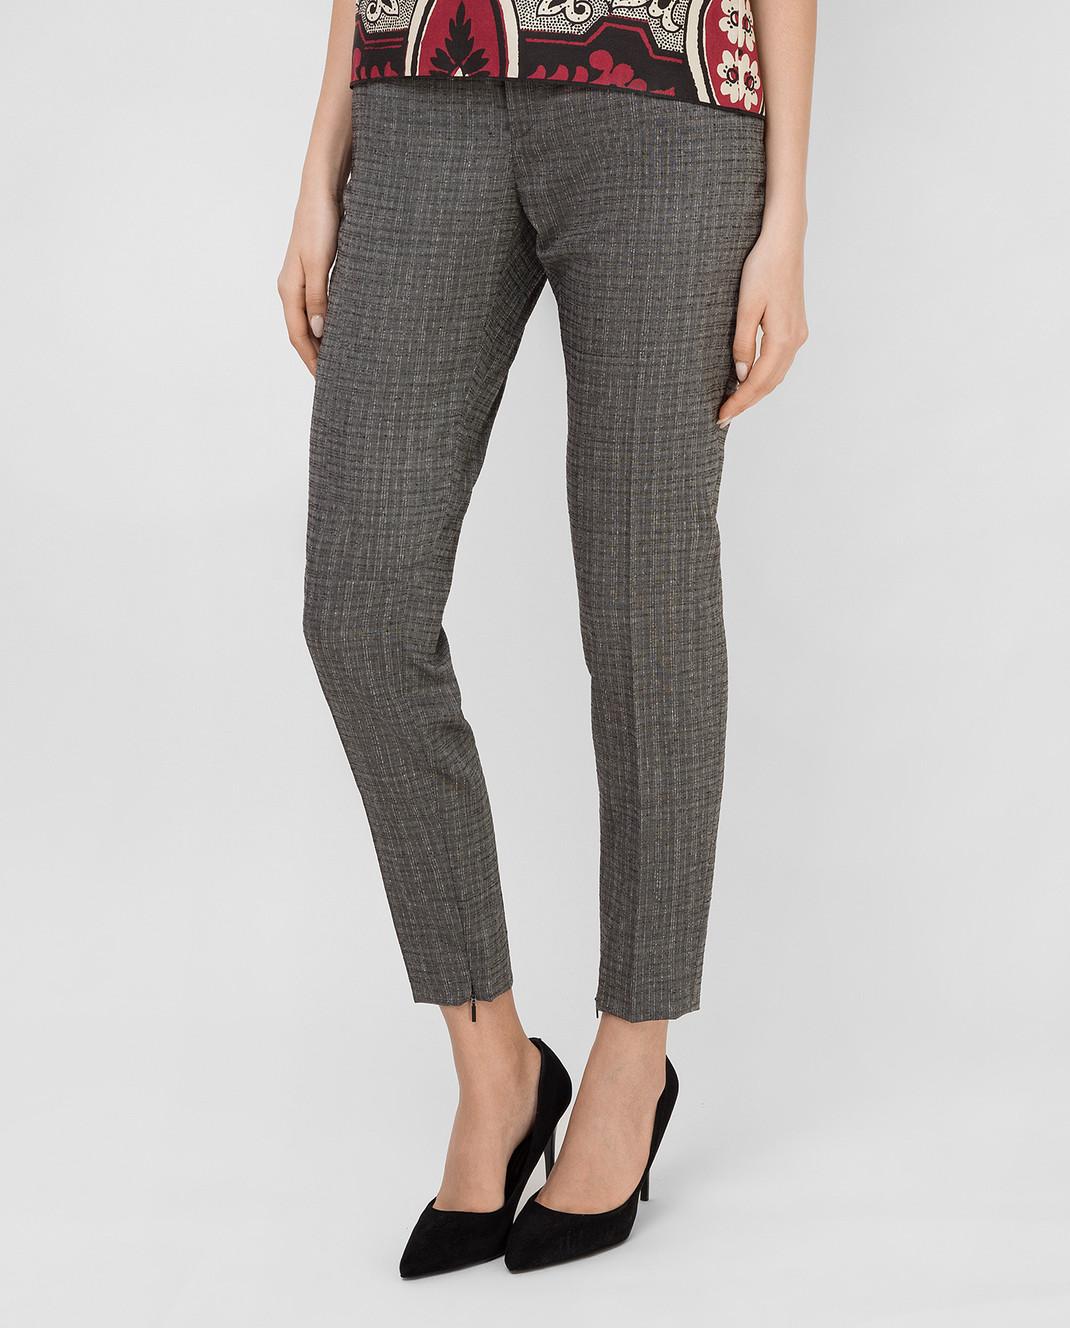 Saint Laurent Серые брюки из шерсти и мохера 502533Y083S изображение 3